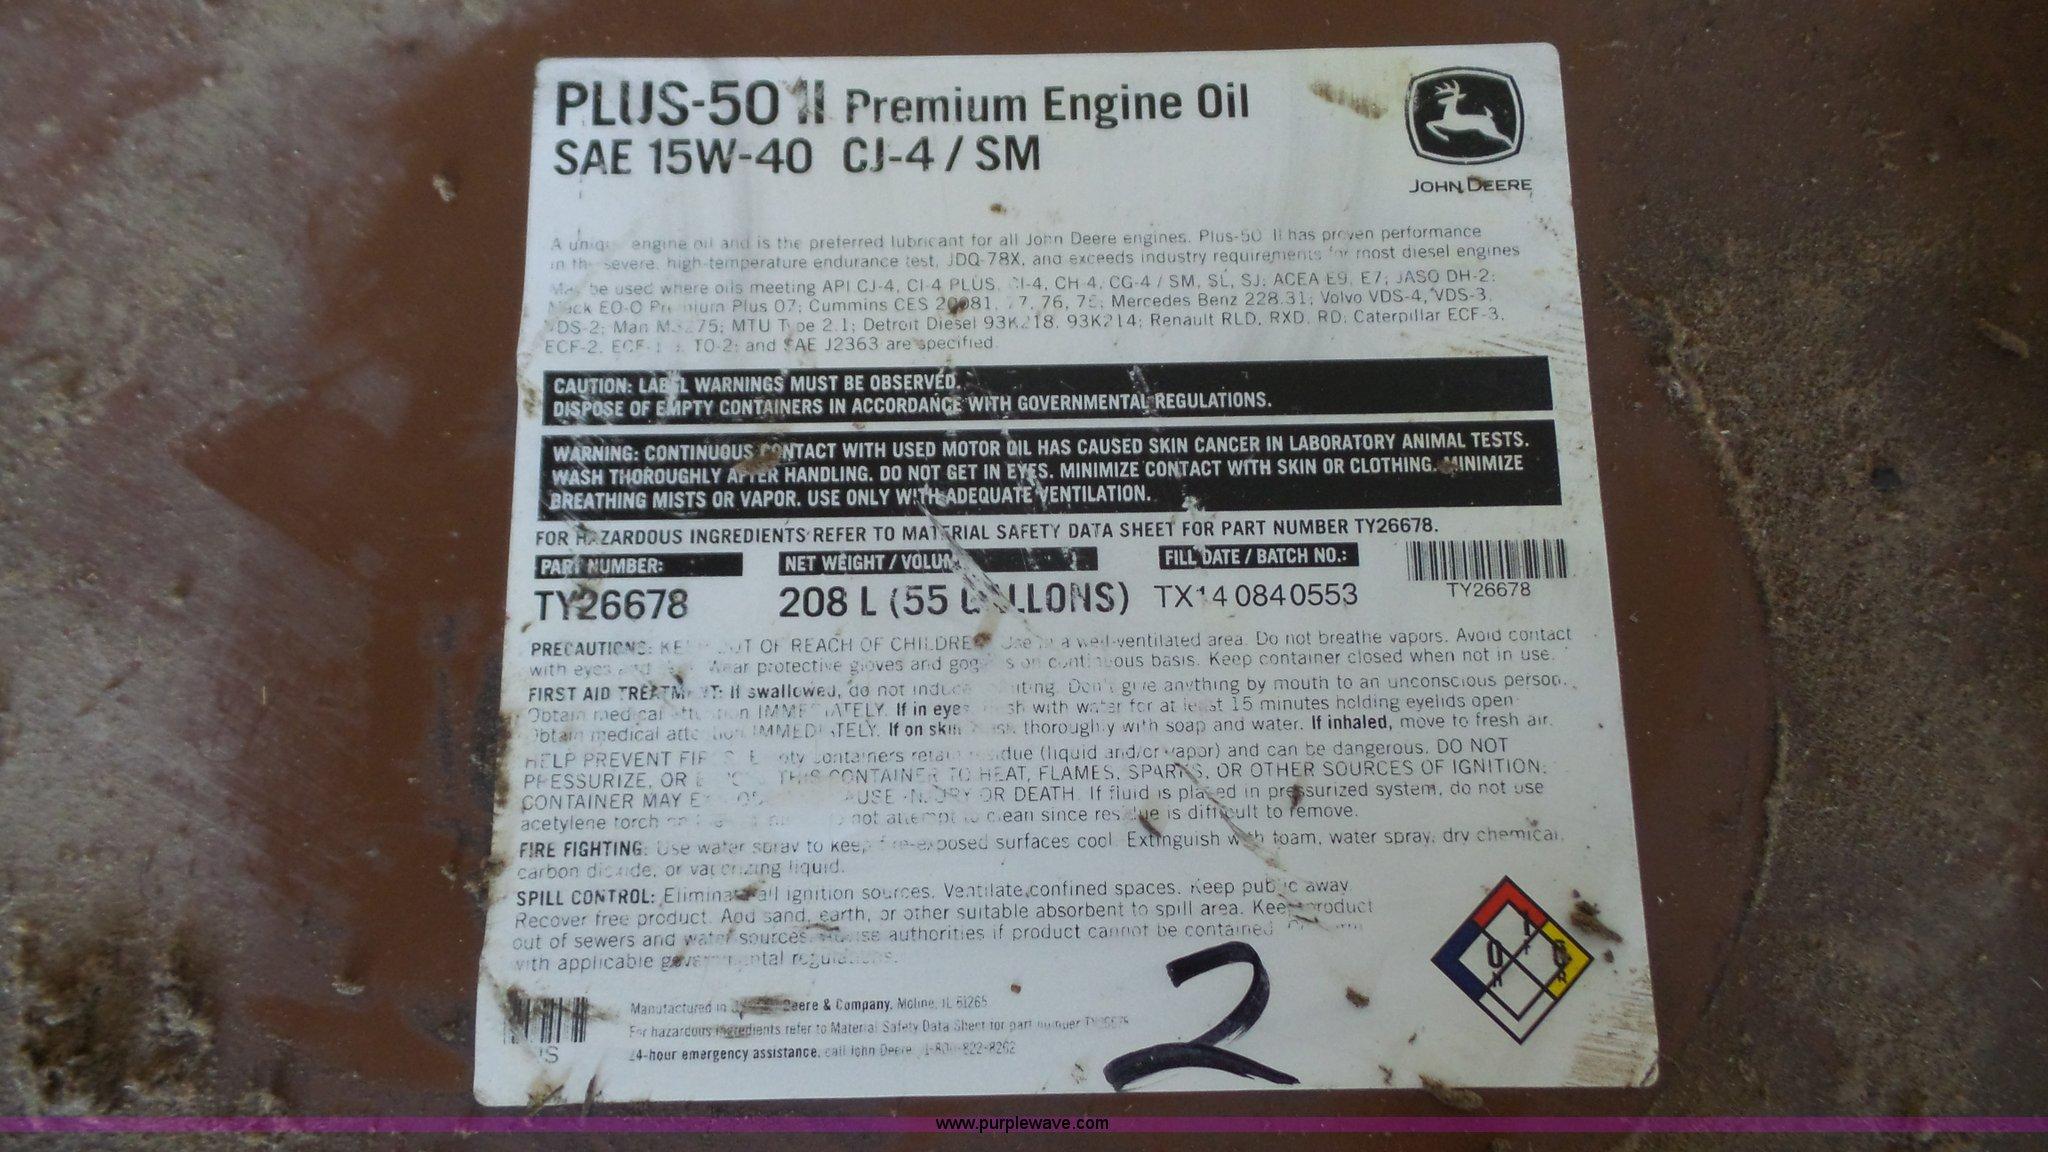 John Deere Plus 50 drum | Item BN9623 | SOLD! May 25 Ag Equi